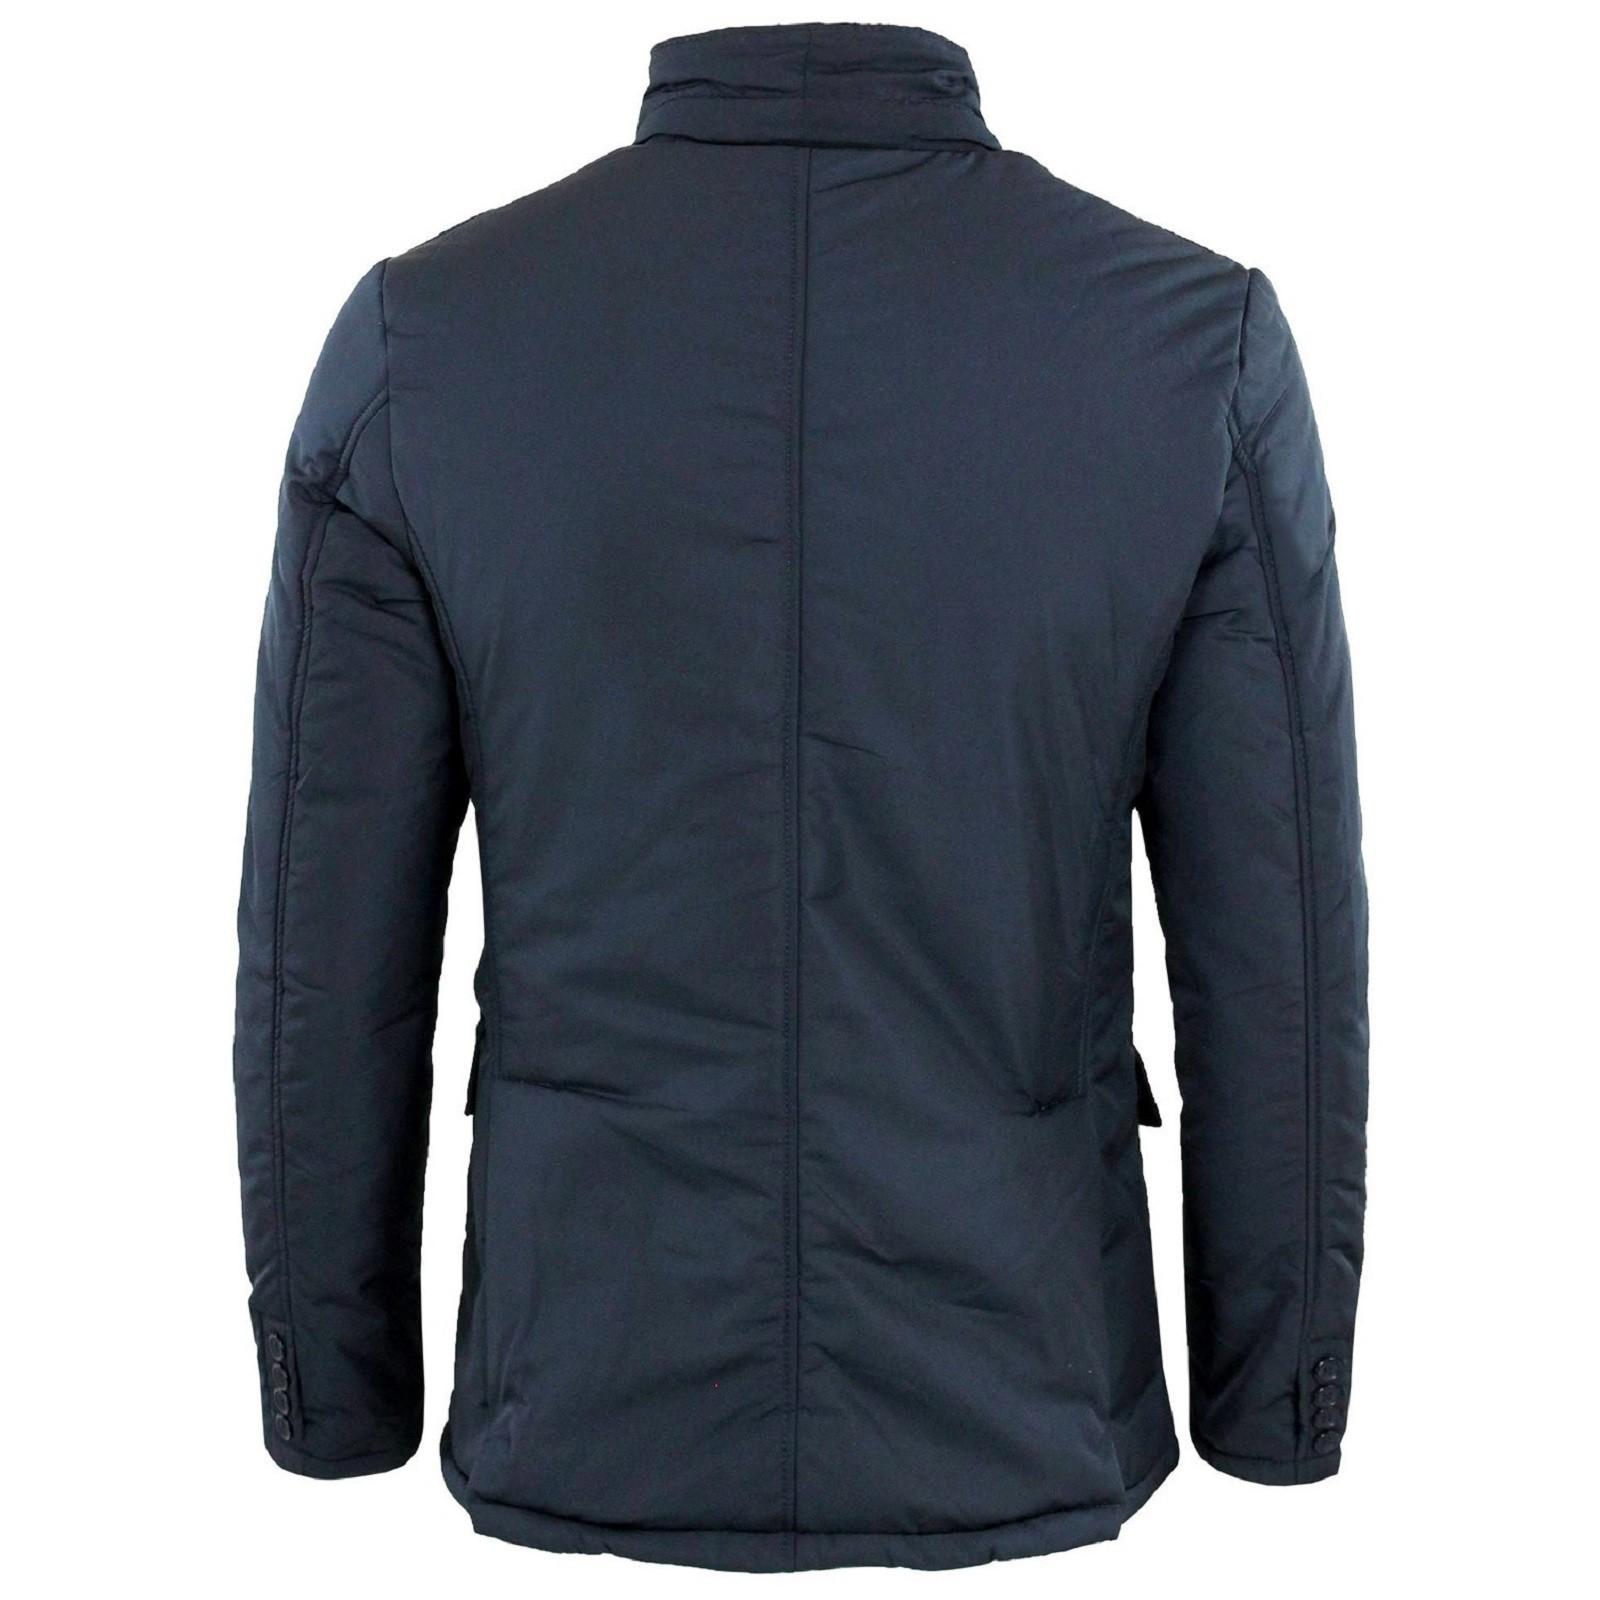 Giubbotto-Uomo-Invernale-Slim-Fit-Giacca-Elegante-Blu-Nero-Giubbino-Sartoriale-L miniatura 15